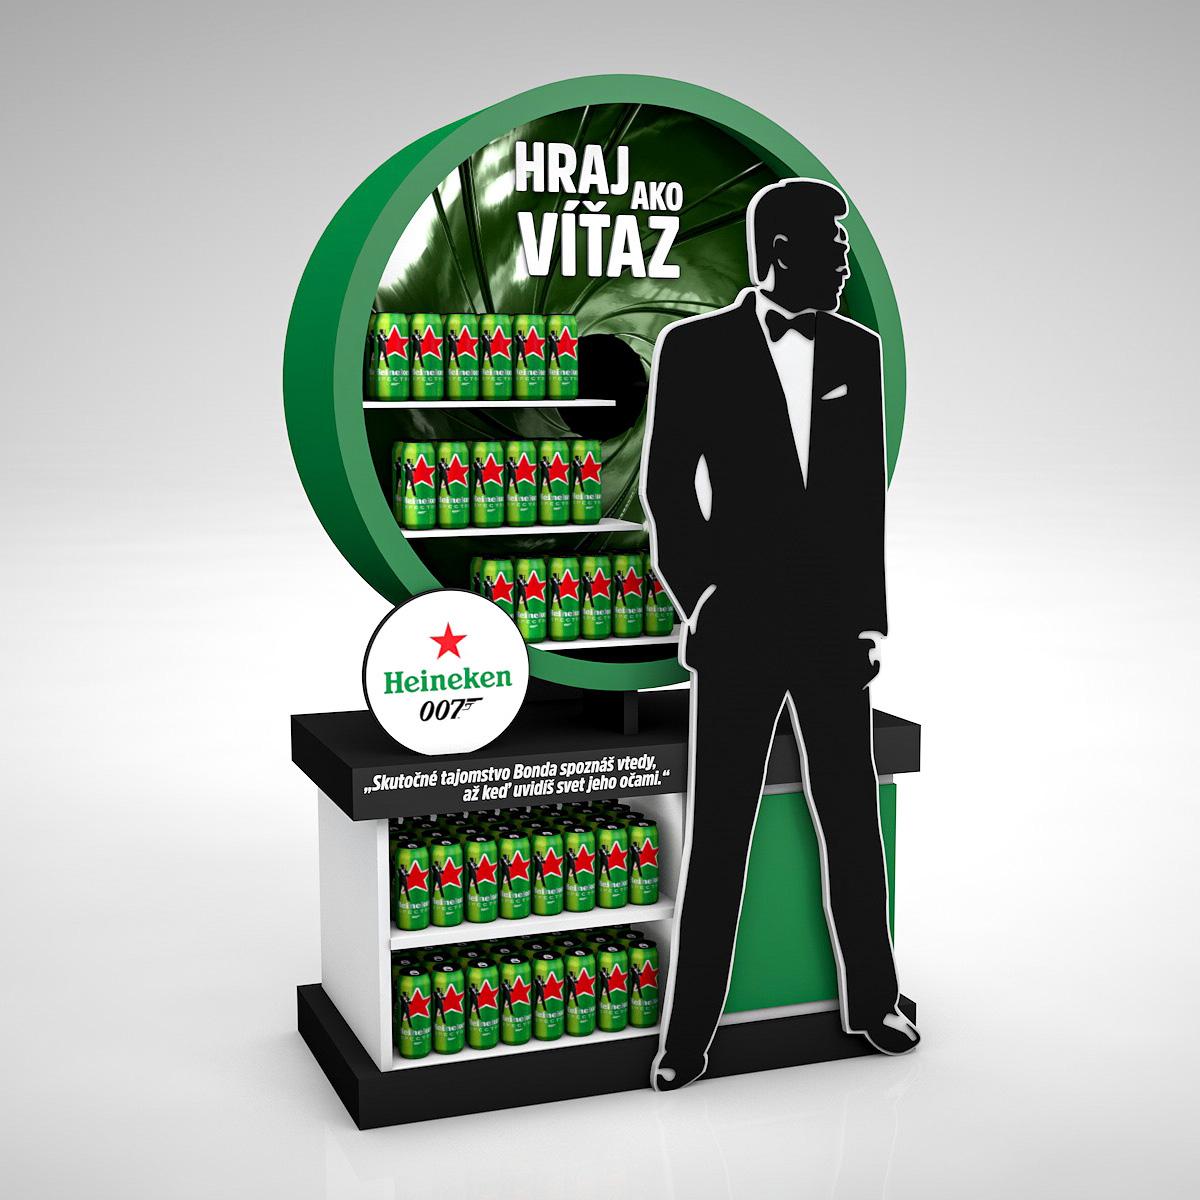 Heineken, James Bond 007 - promo stand